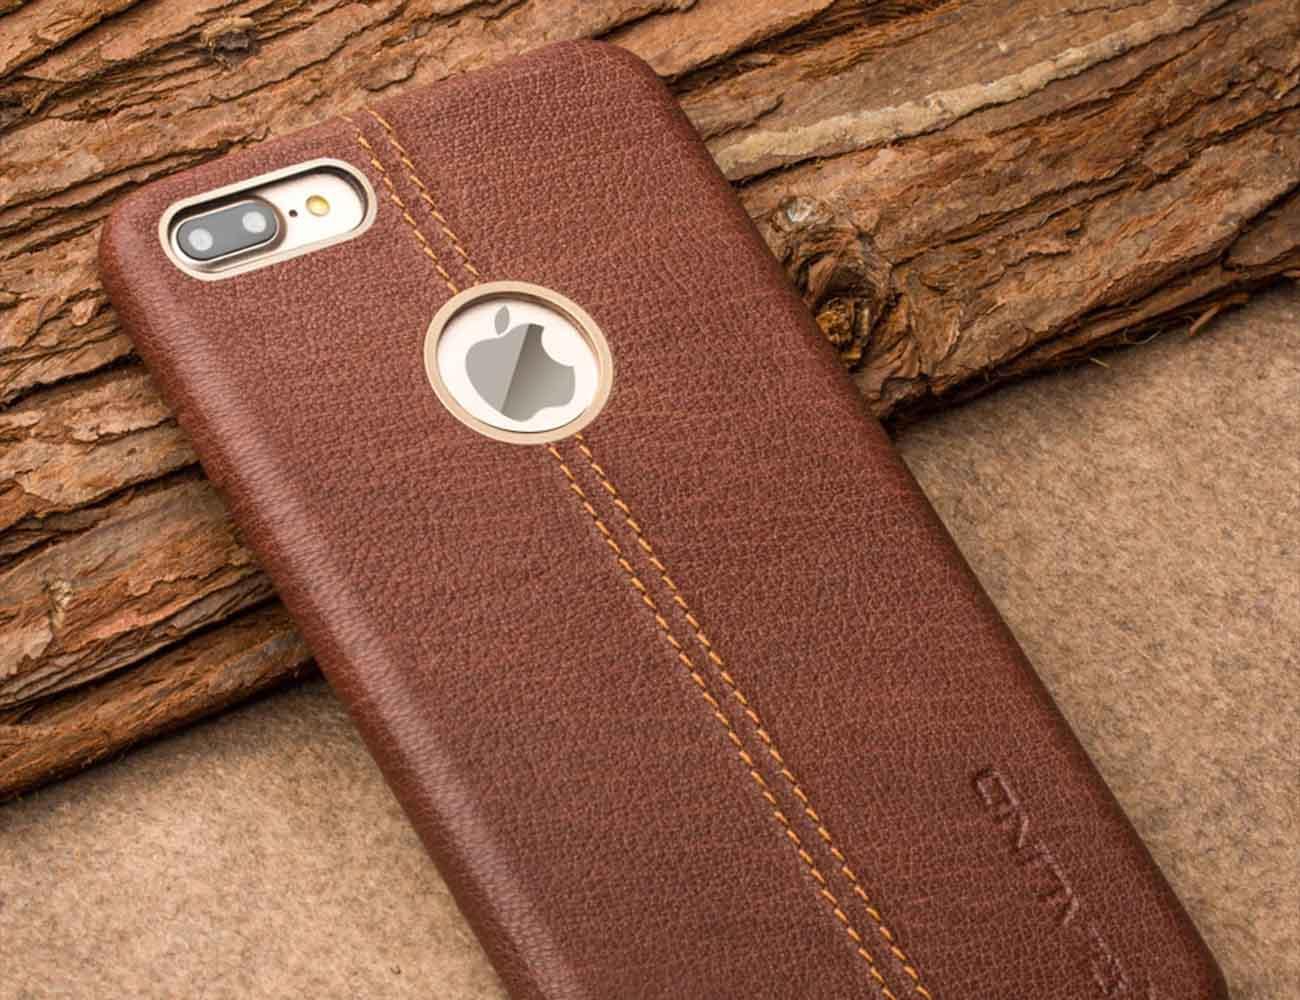 Real Deer Skin iPhone Case by QIALINO